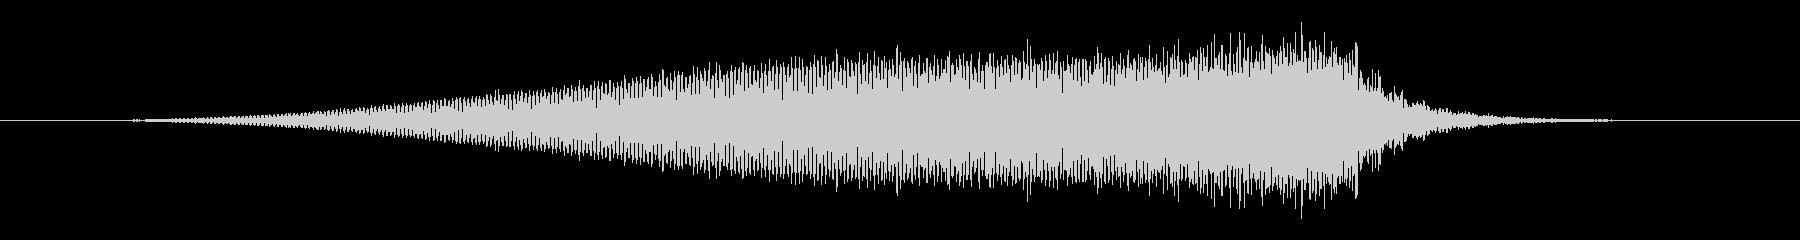 SWELL ノイズシズルショート01の未再生の波形